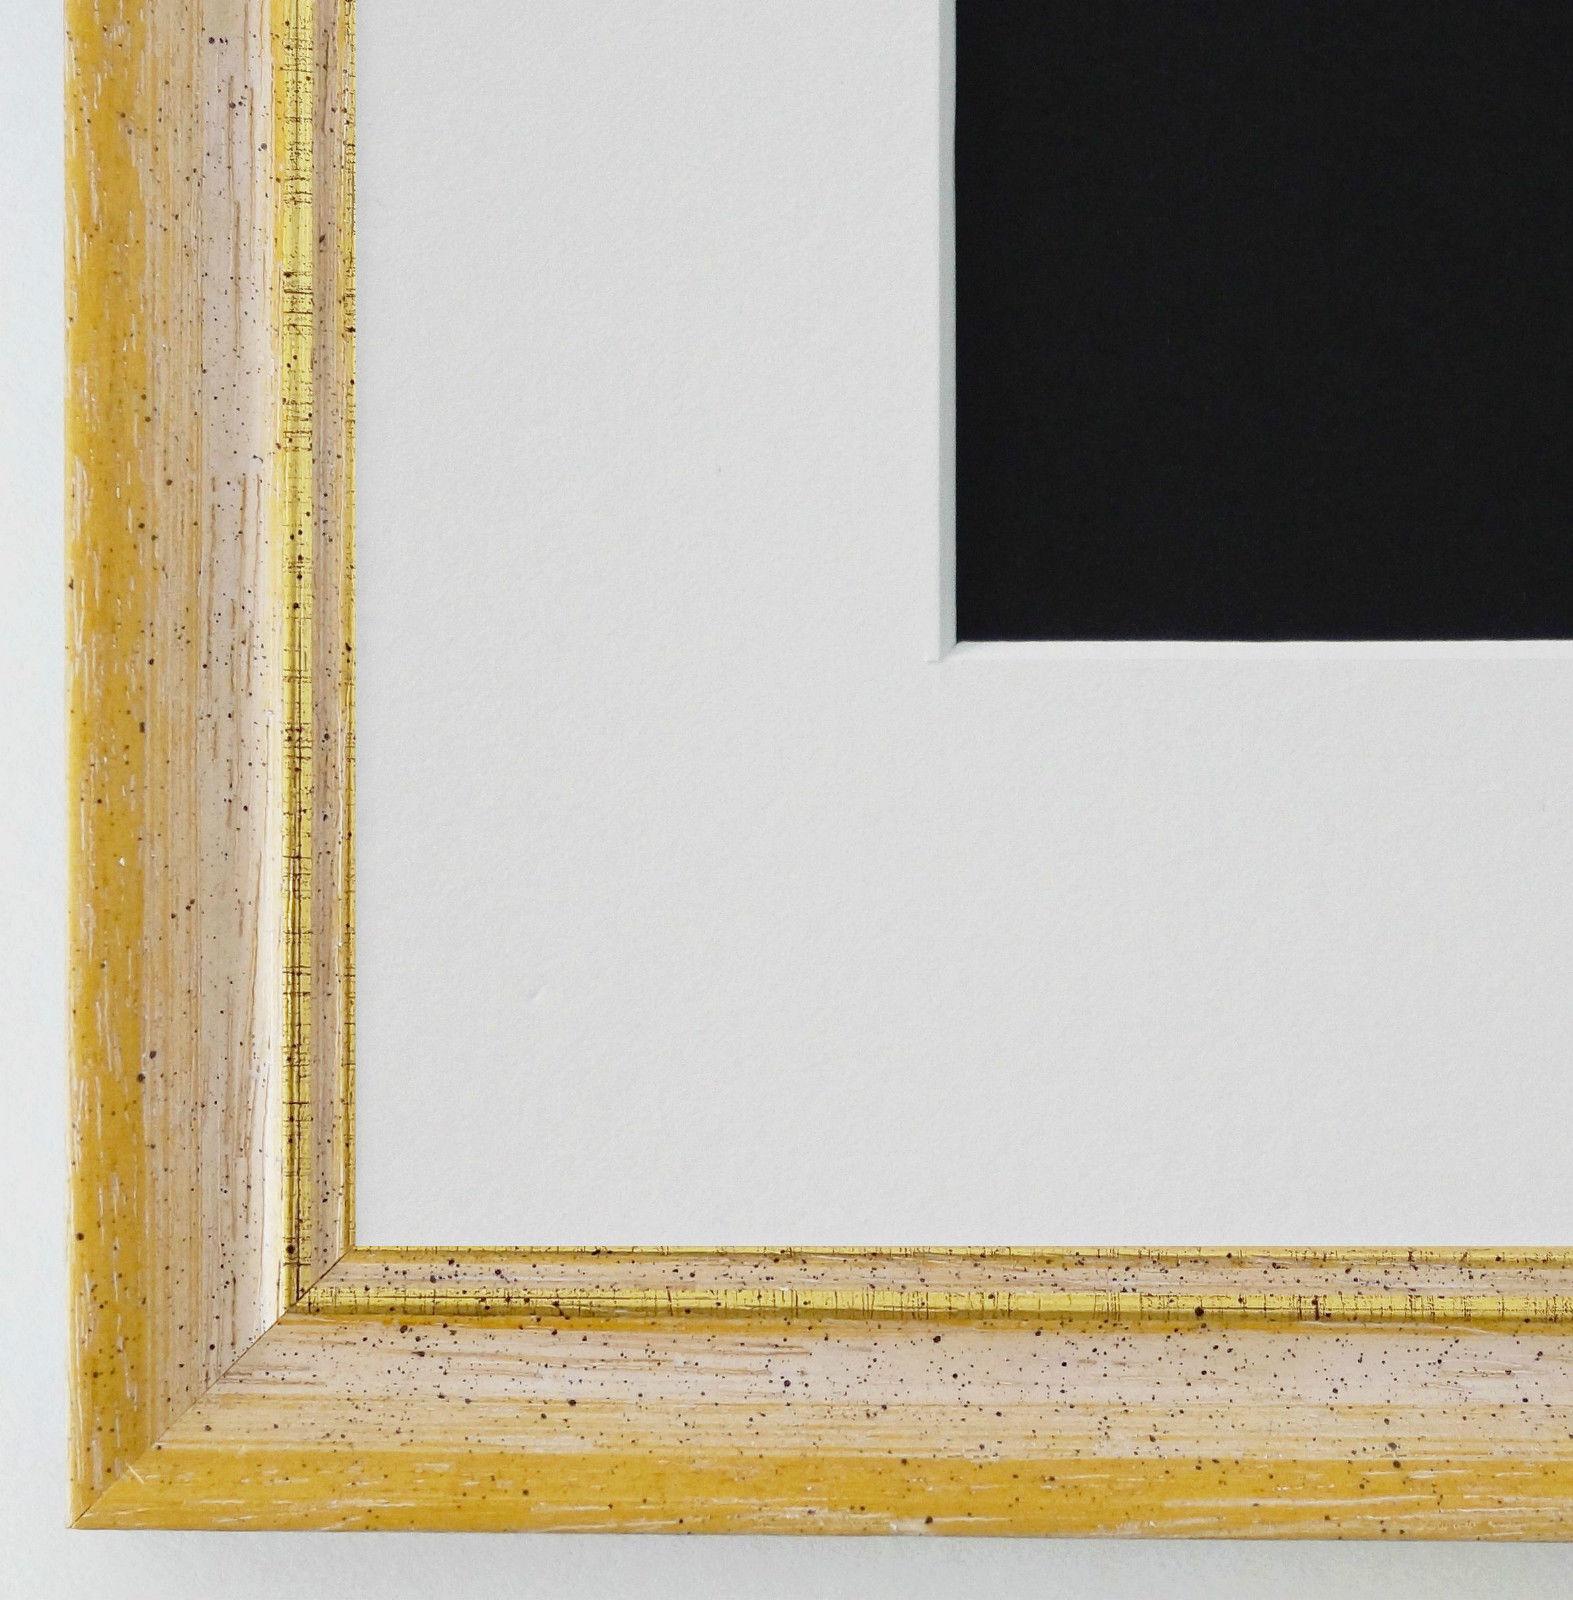 Ziemlich Schattenkastenrahmen Ikea Fotos - Benutzerdefinierte ...